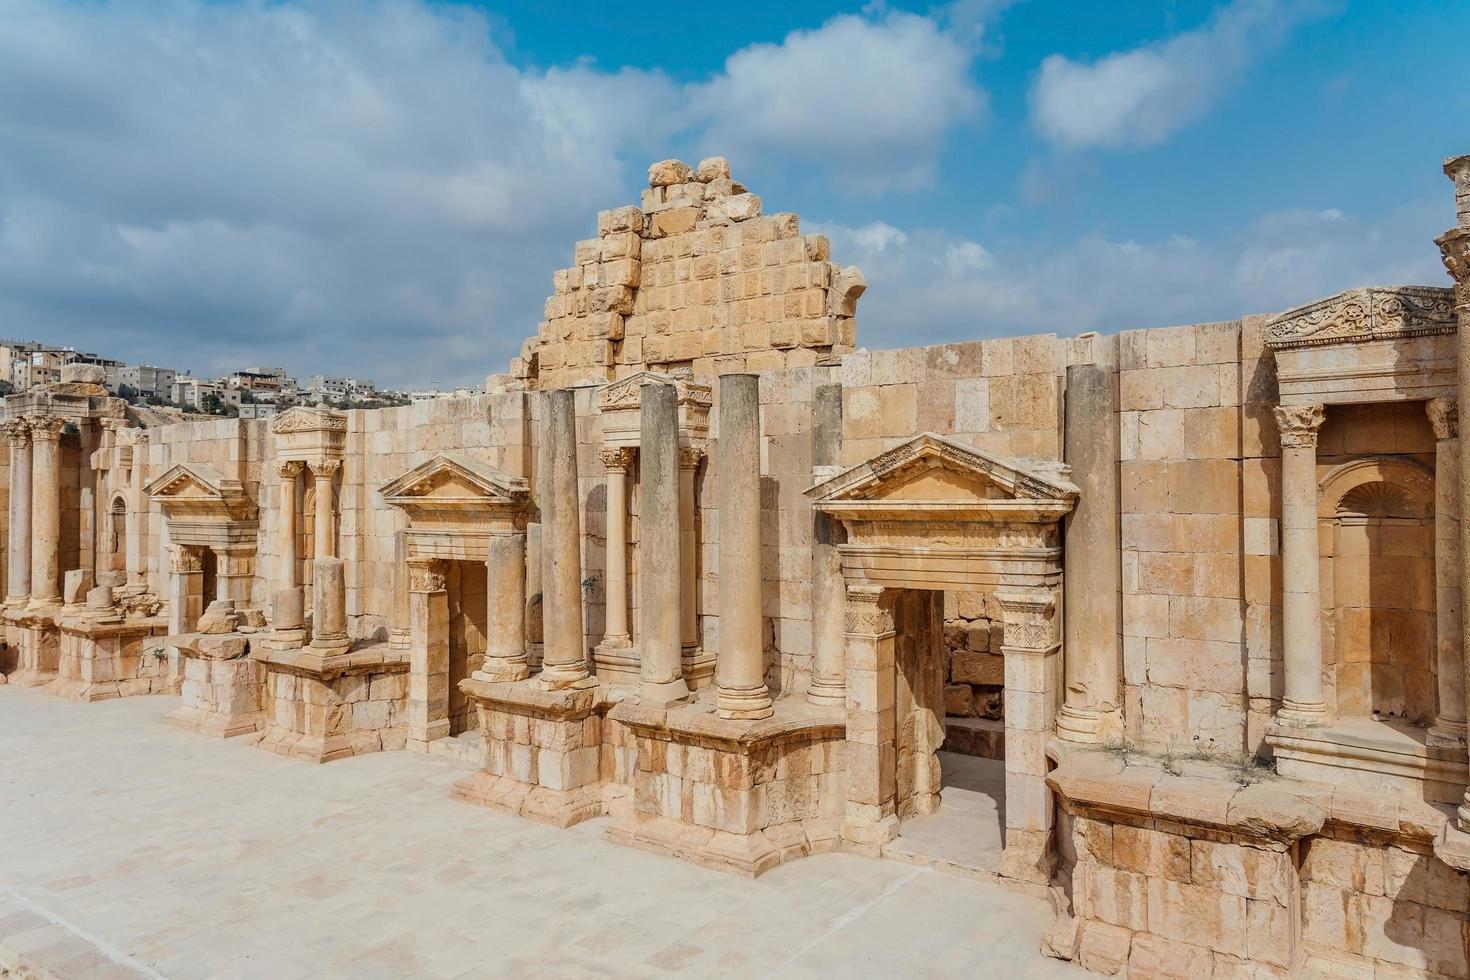 Théâtre du sud dans l'ancienne ville romaine de Gerasa, Jordanie photo